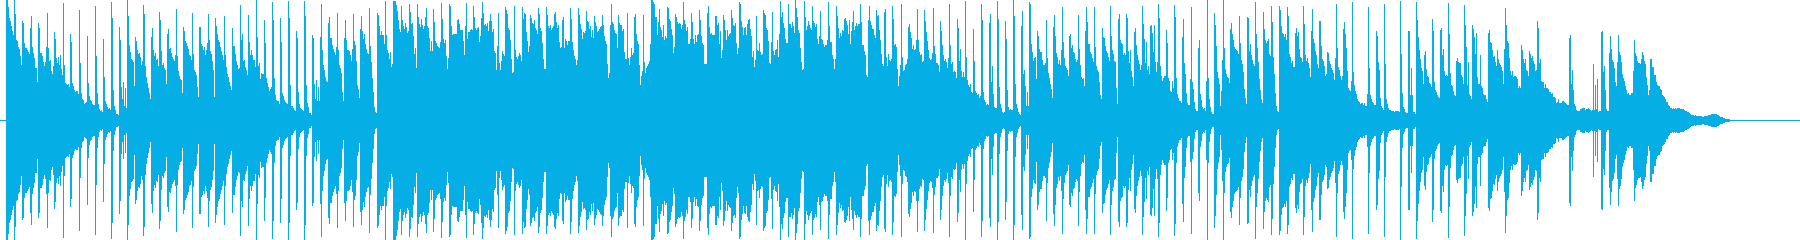 夕焼けをイメージしたエレクトロニカの再生済みの波形